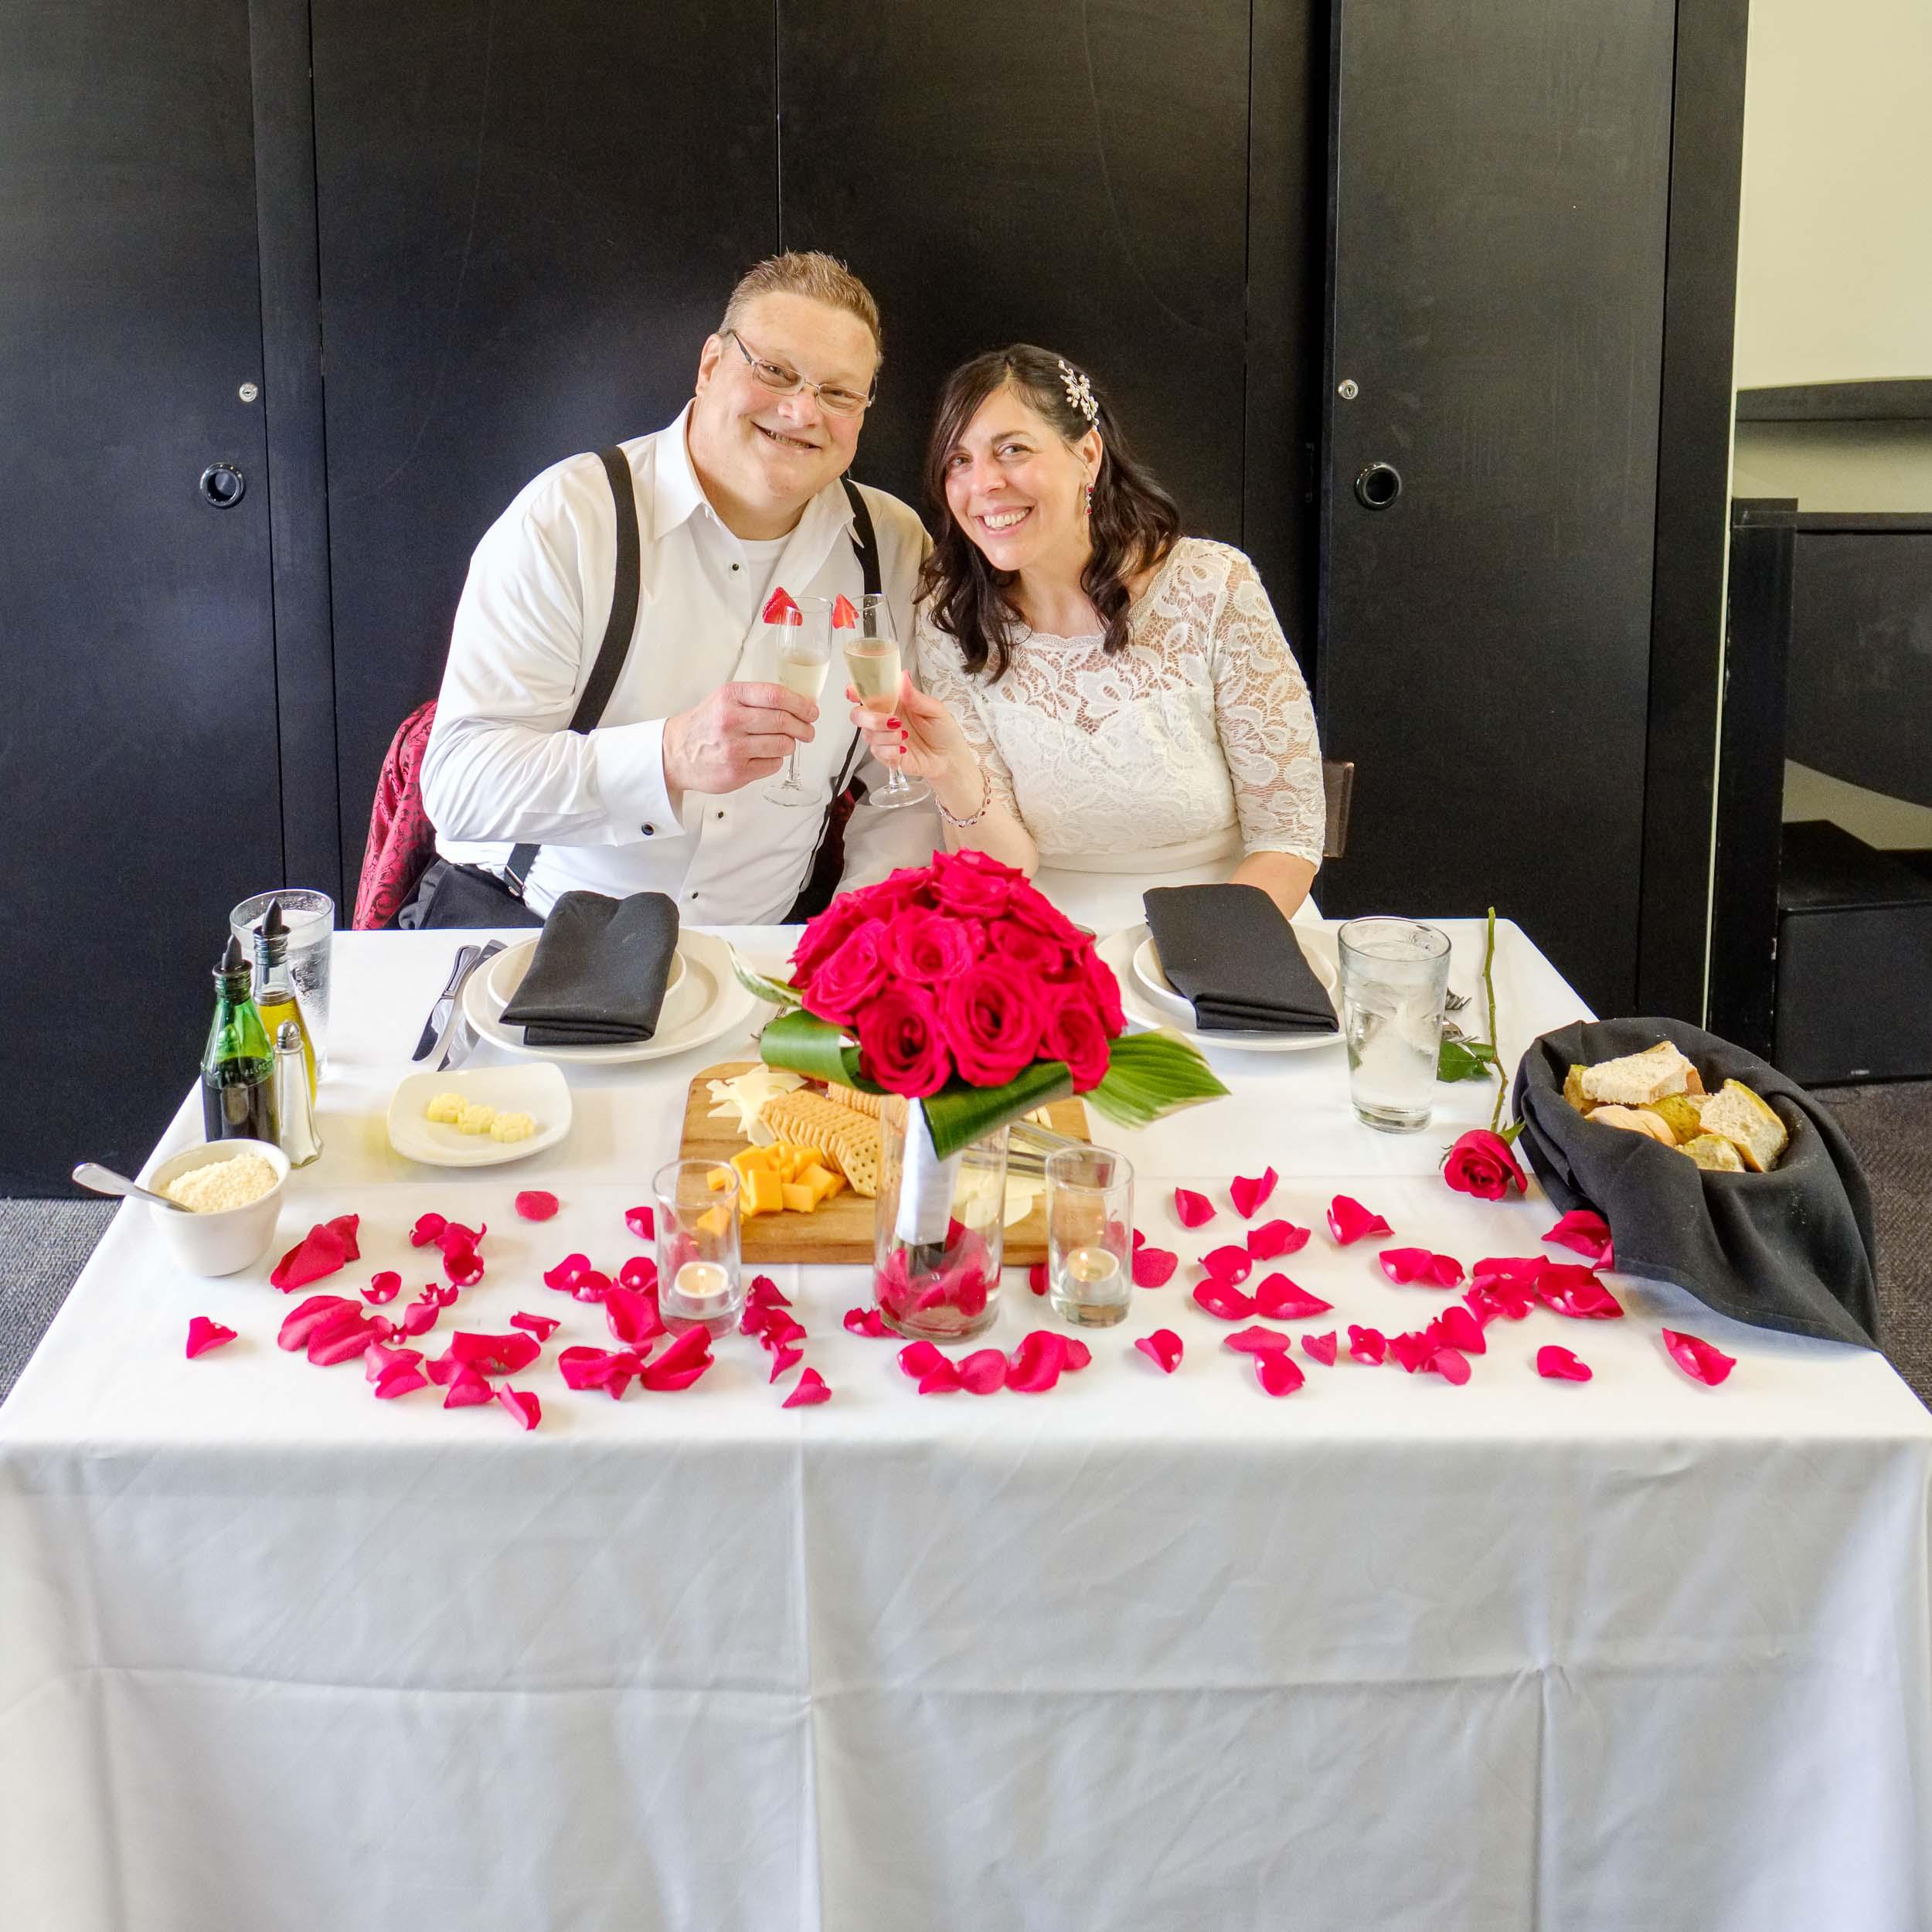 schmidt_wedding-1243.jpg